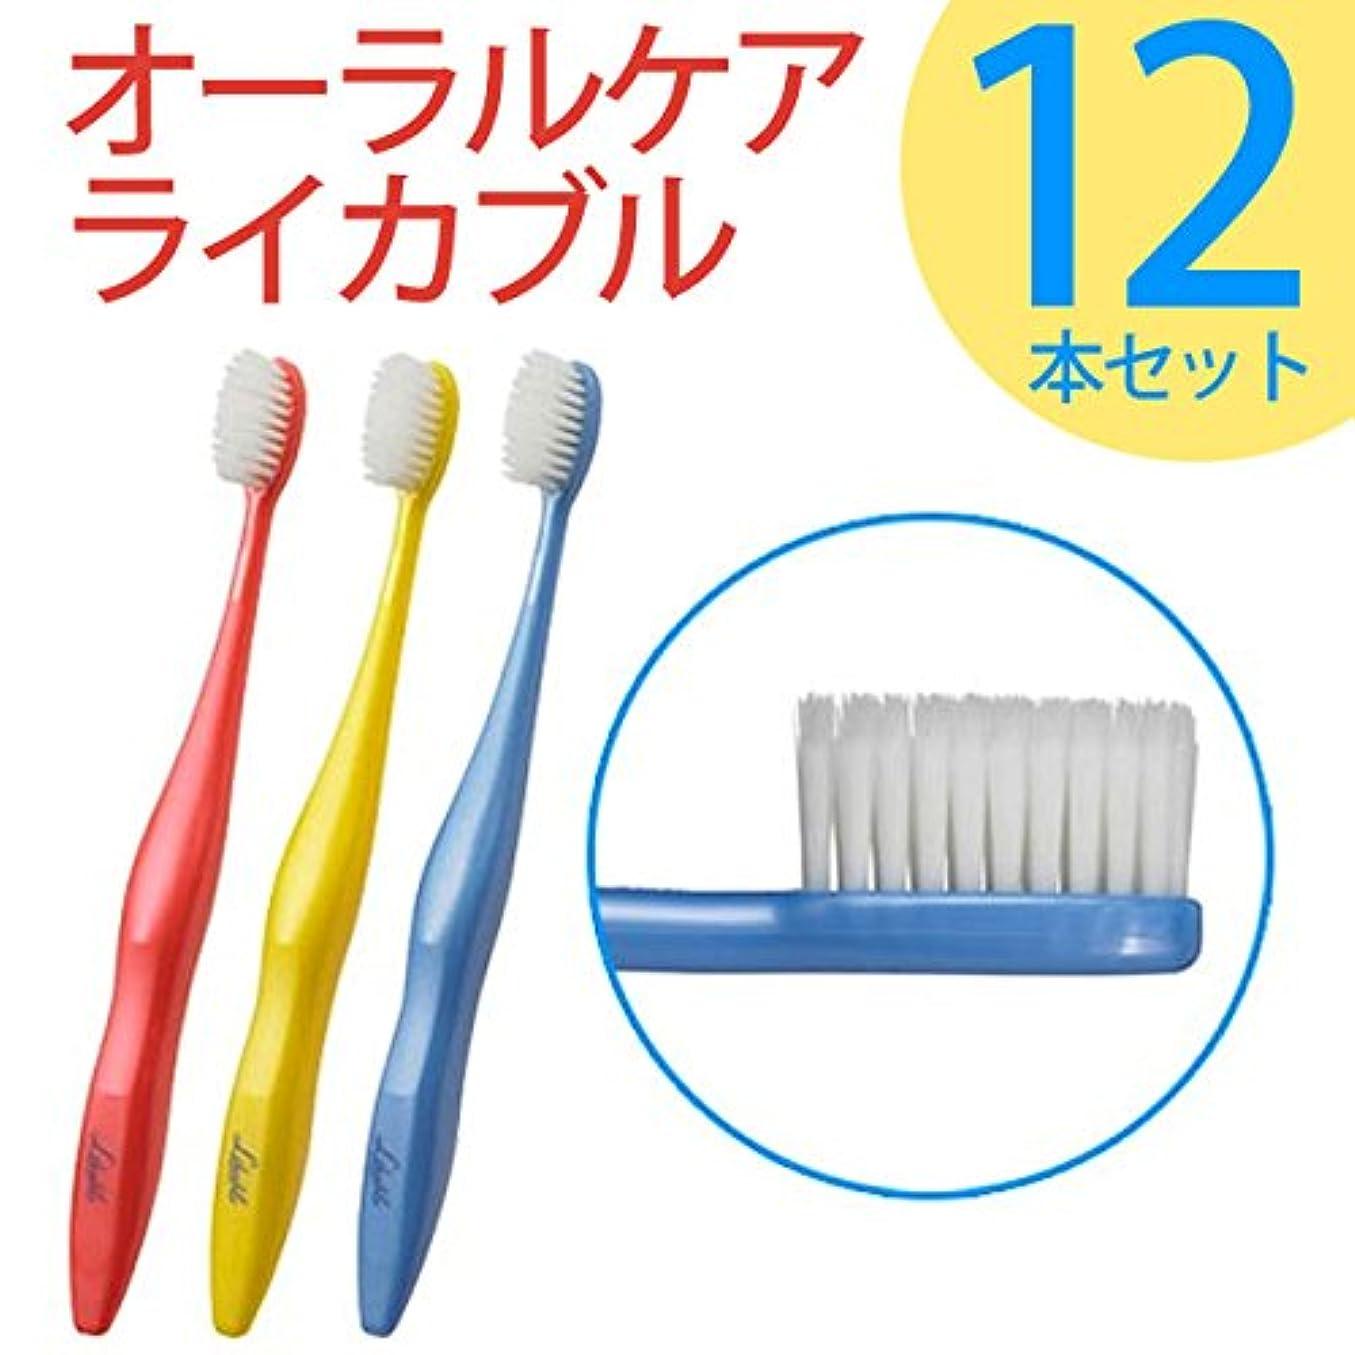 もしストレスの多い食事を調理するライカブル ライカブル メンテナンス用 歯ブラシ 12本セット